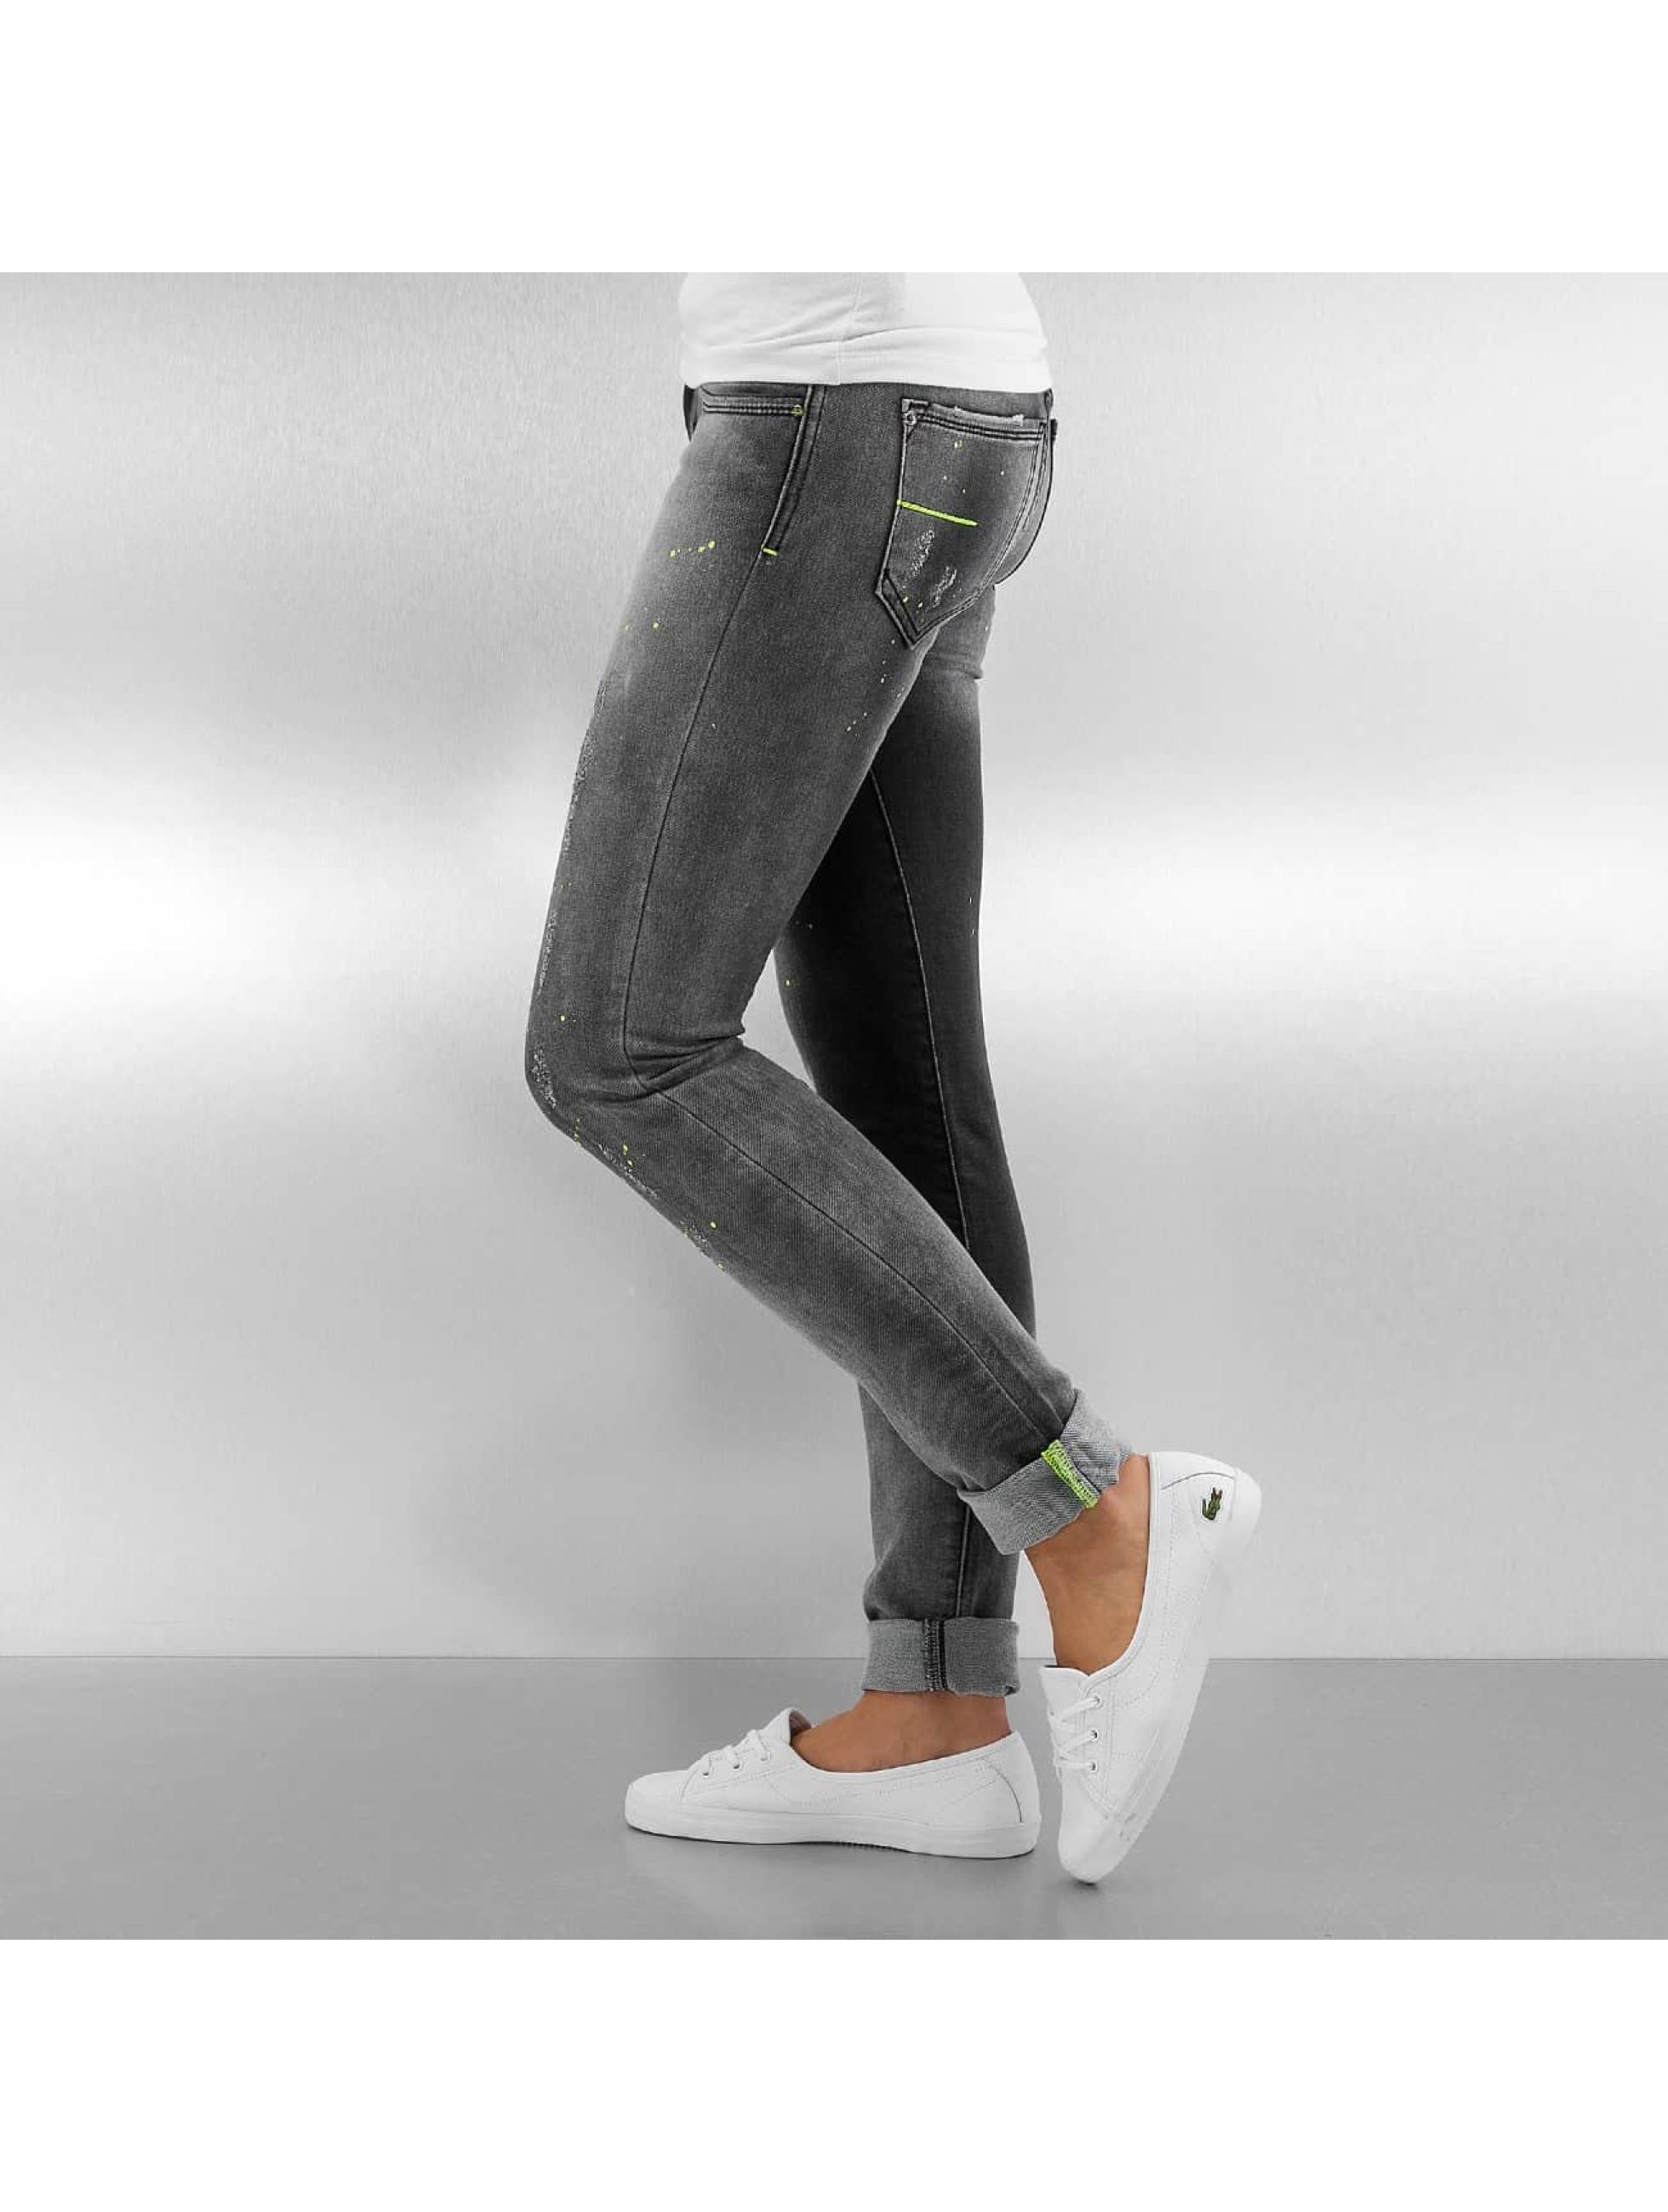 pascucci b jogg noir femme jean skinny pascucci acheter pas cher jean 302713. Black Bedroom Furniture Sets. Home Design Ideas